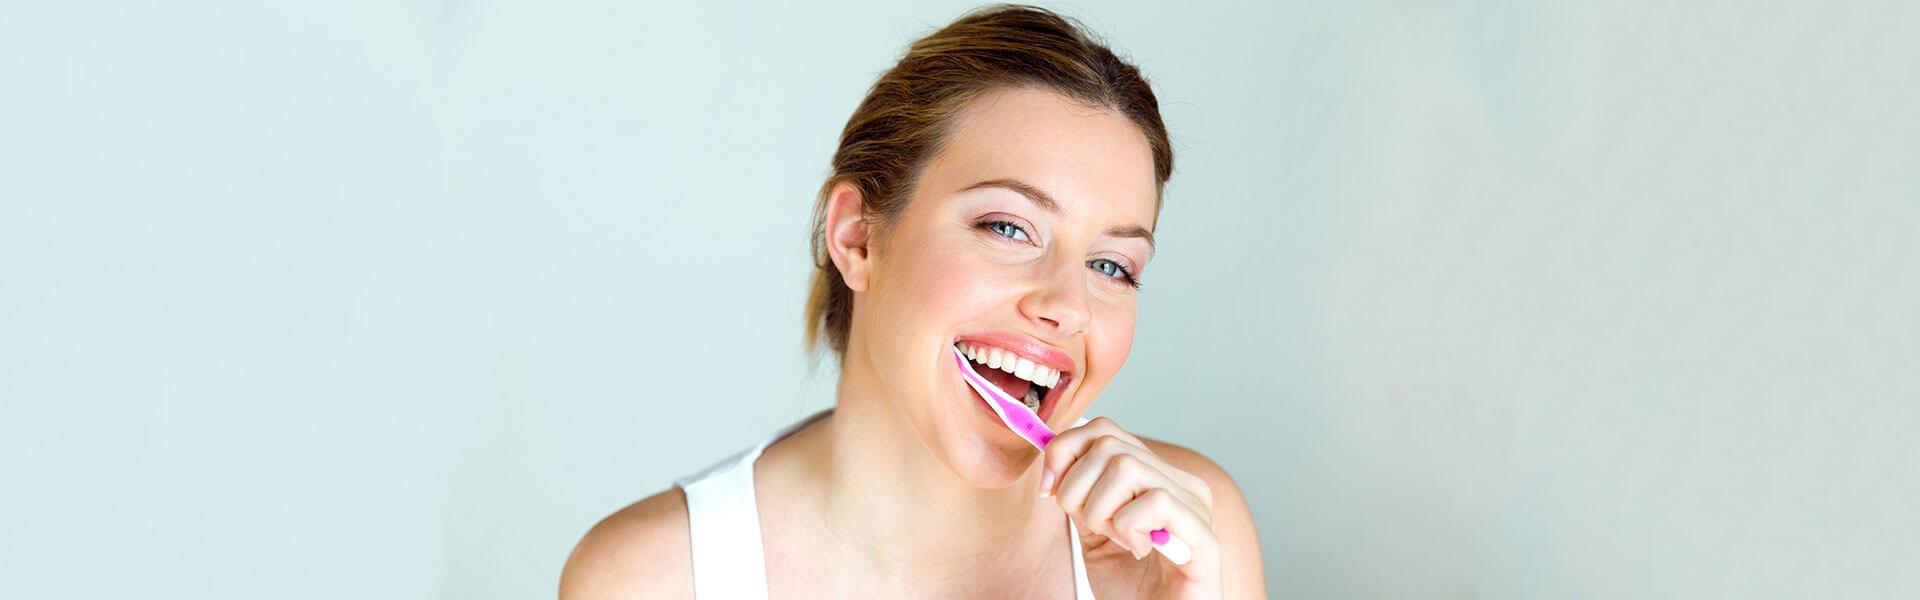 Teeth Whitening 101: Is It Safe?